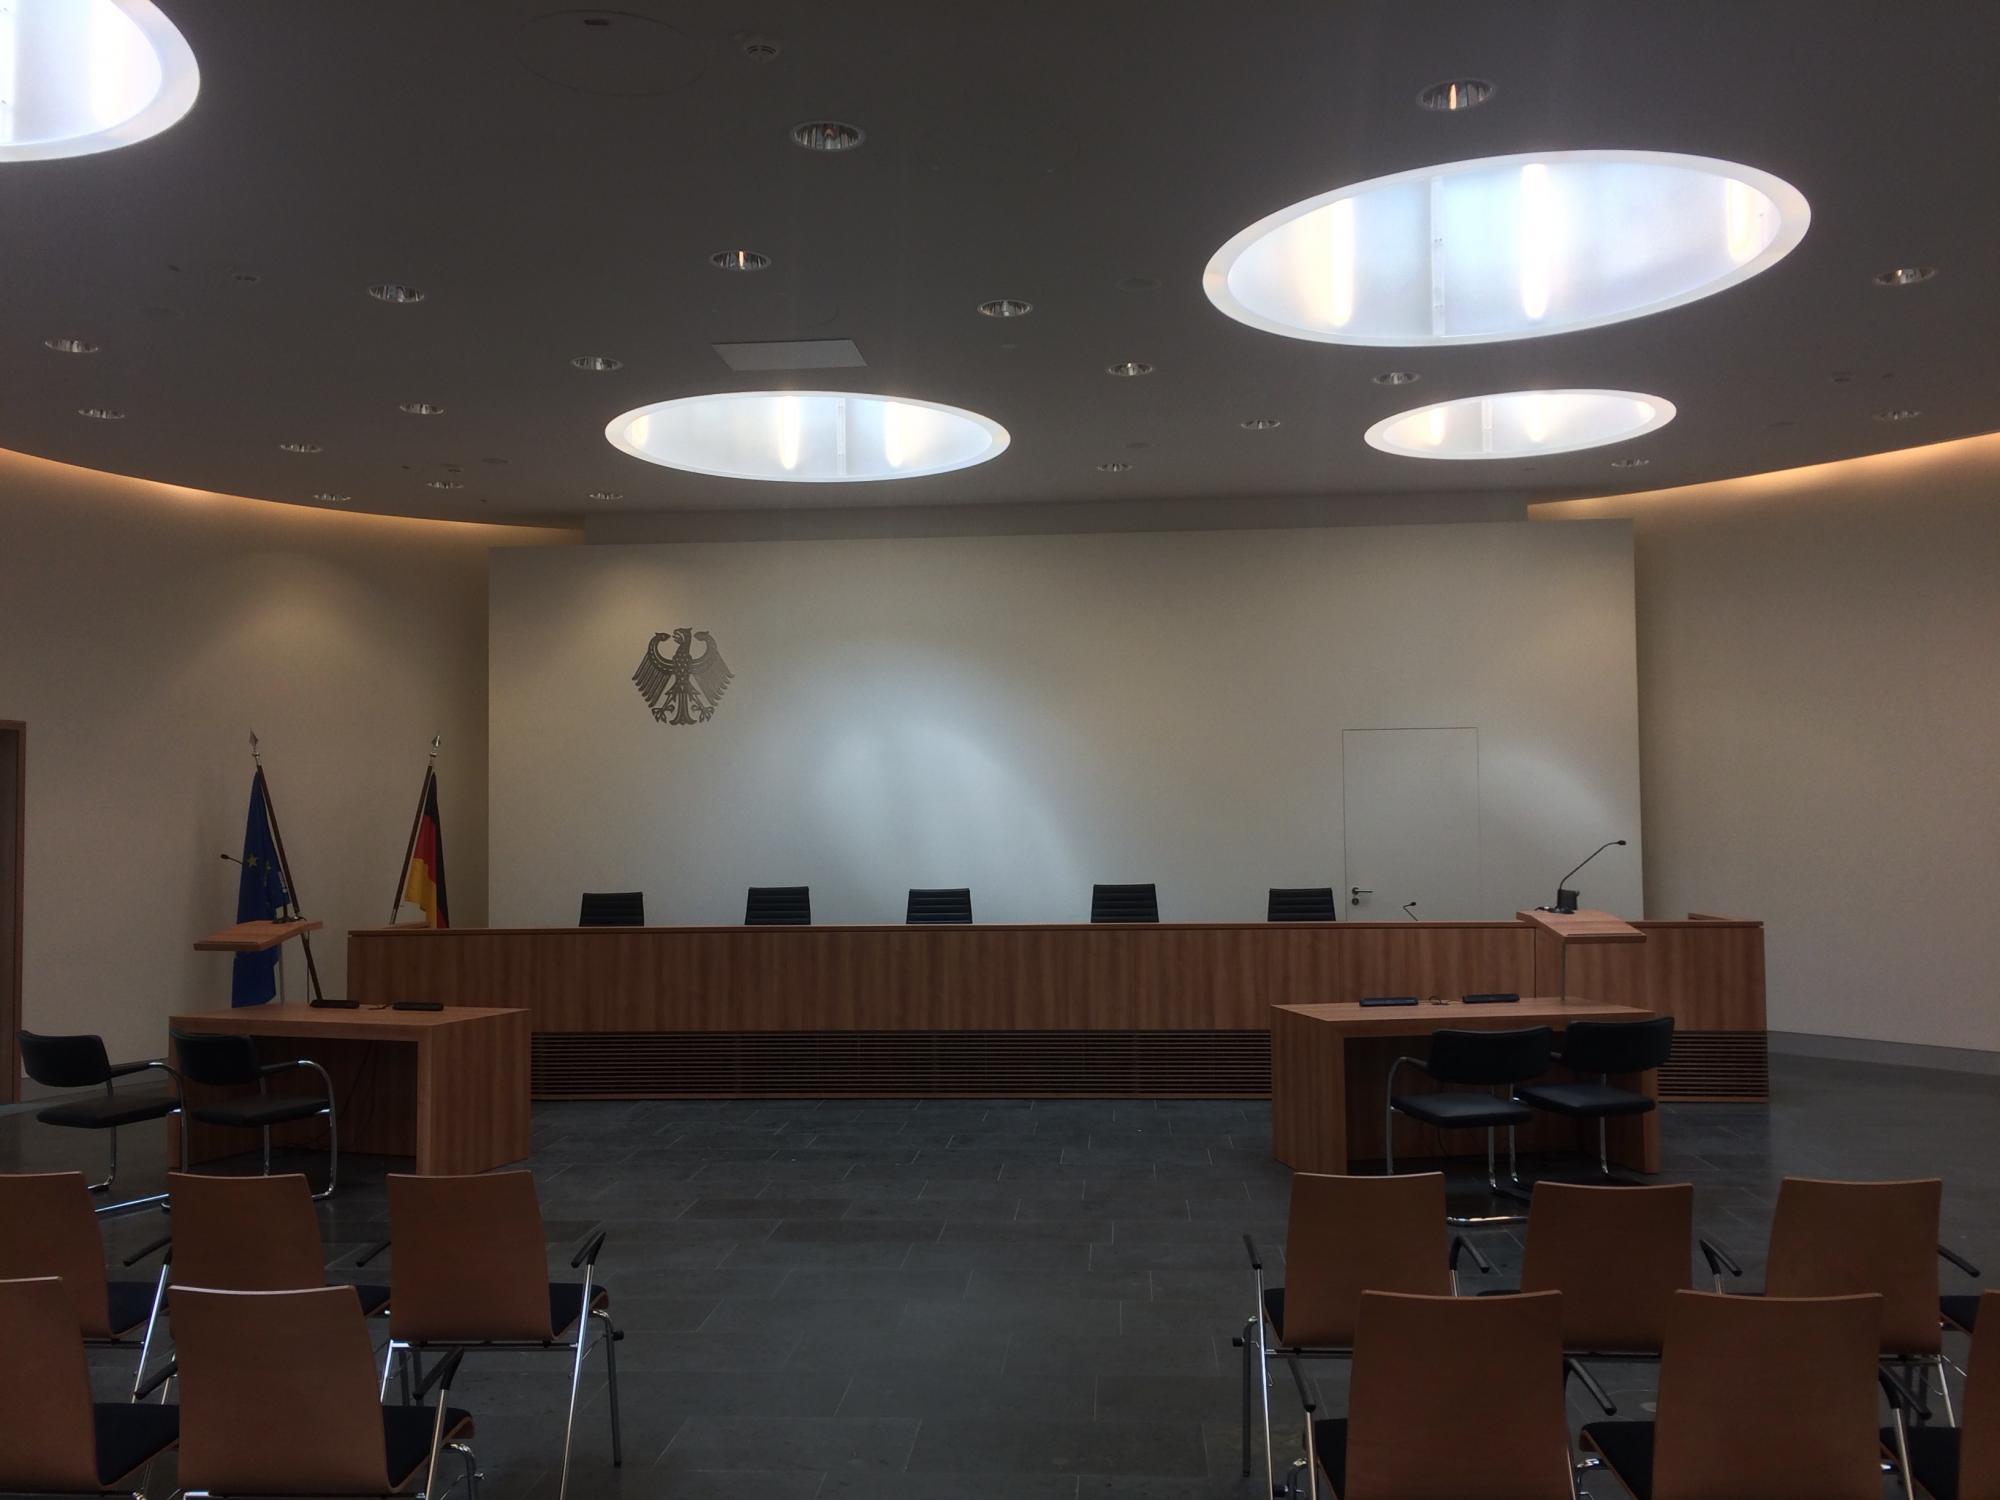 Innenansicht des Bundessozialgerichts in Kassel (Elisabeth-Selbert-Saal).